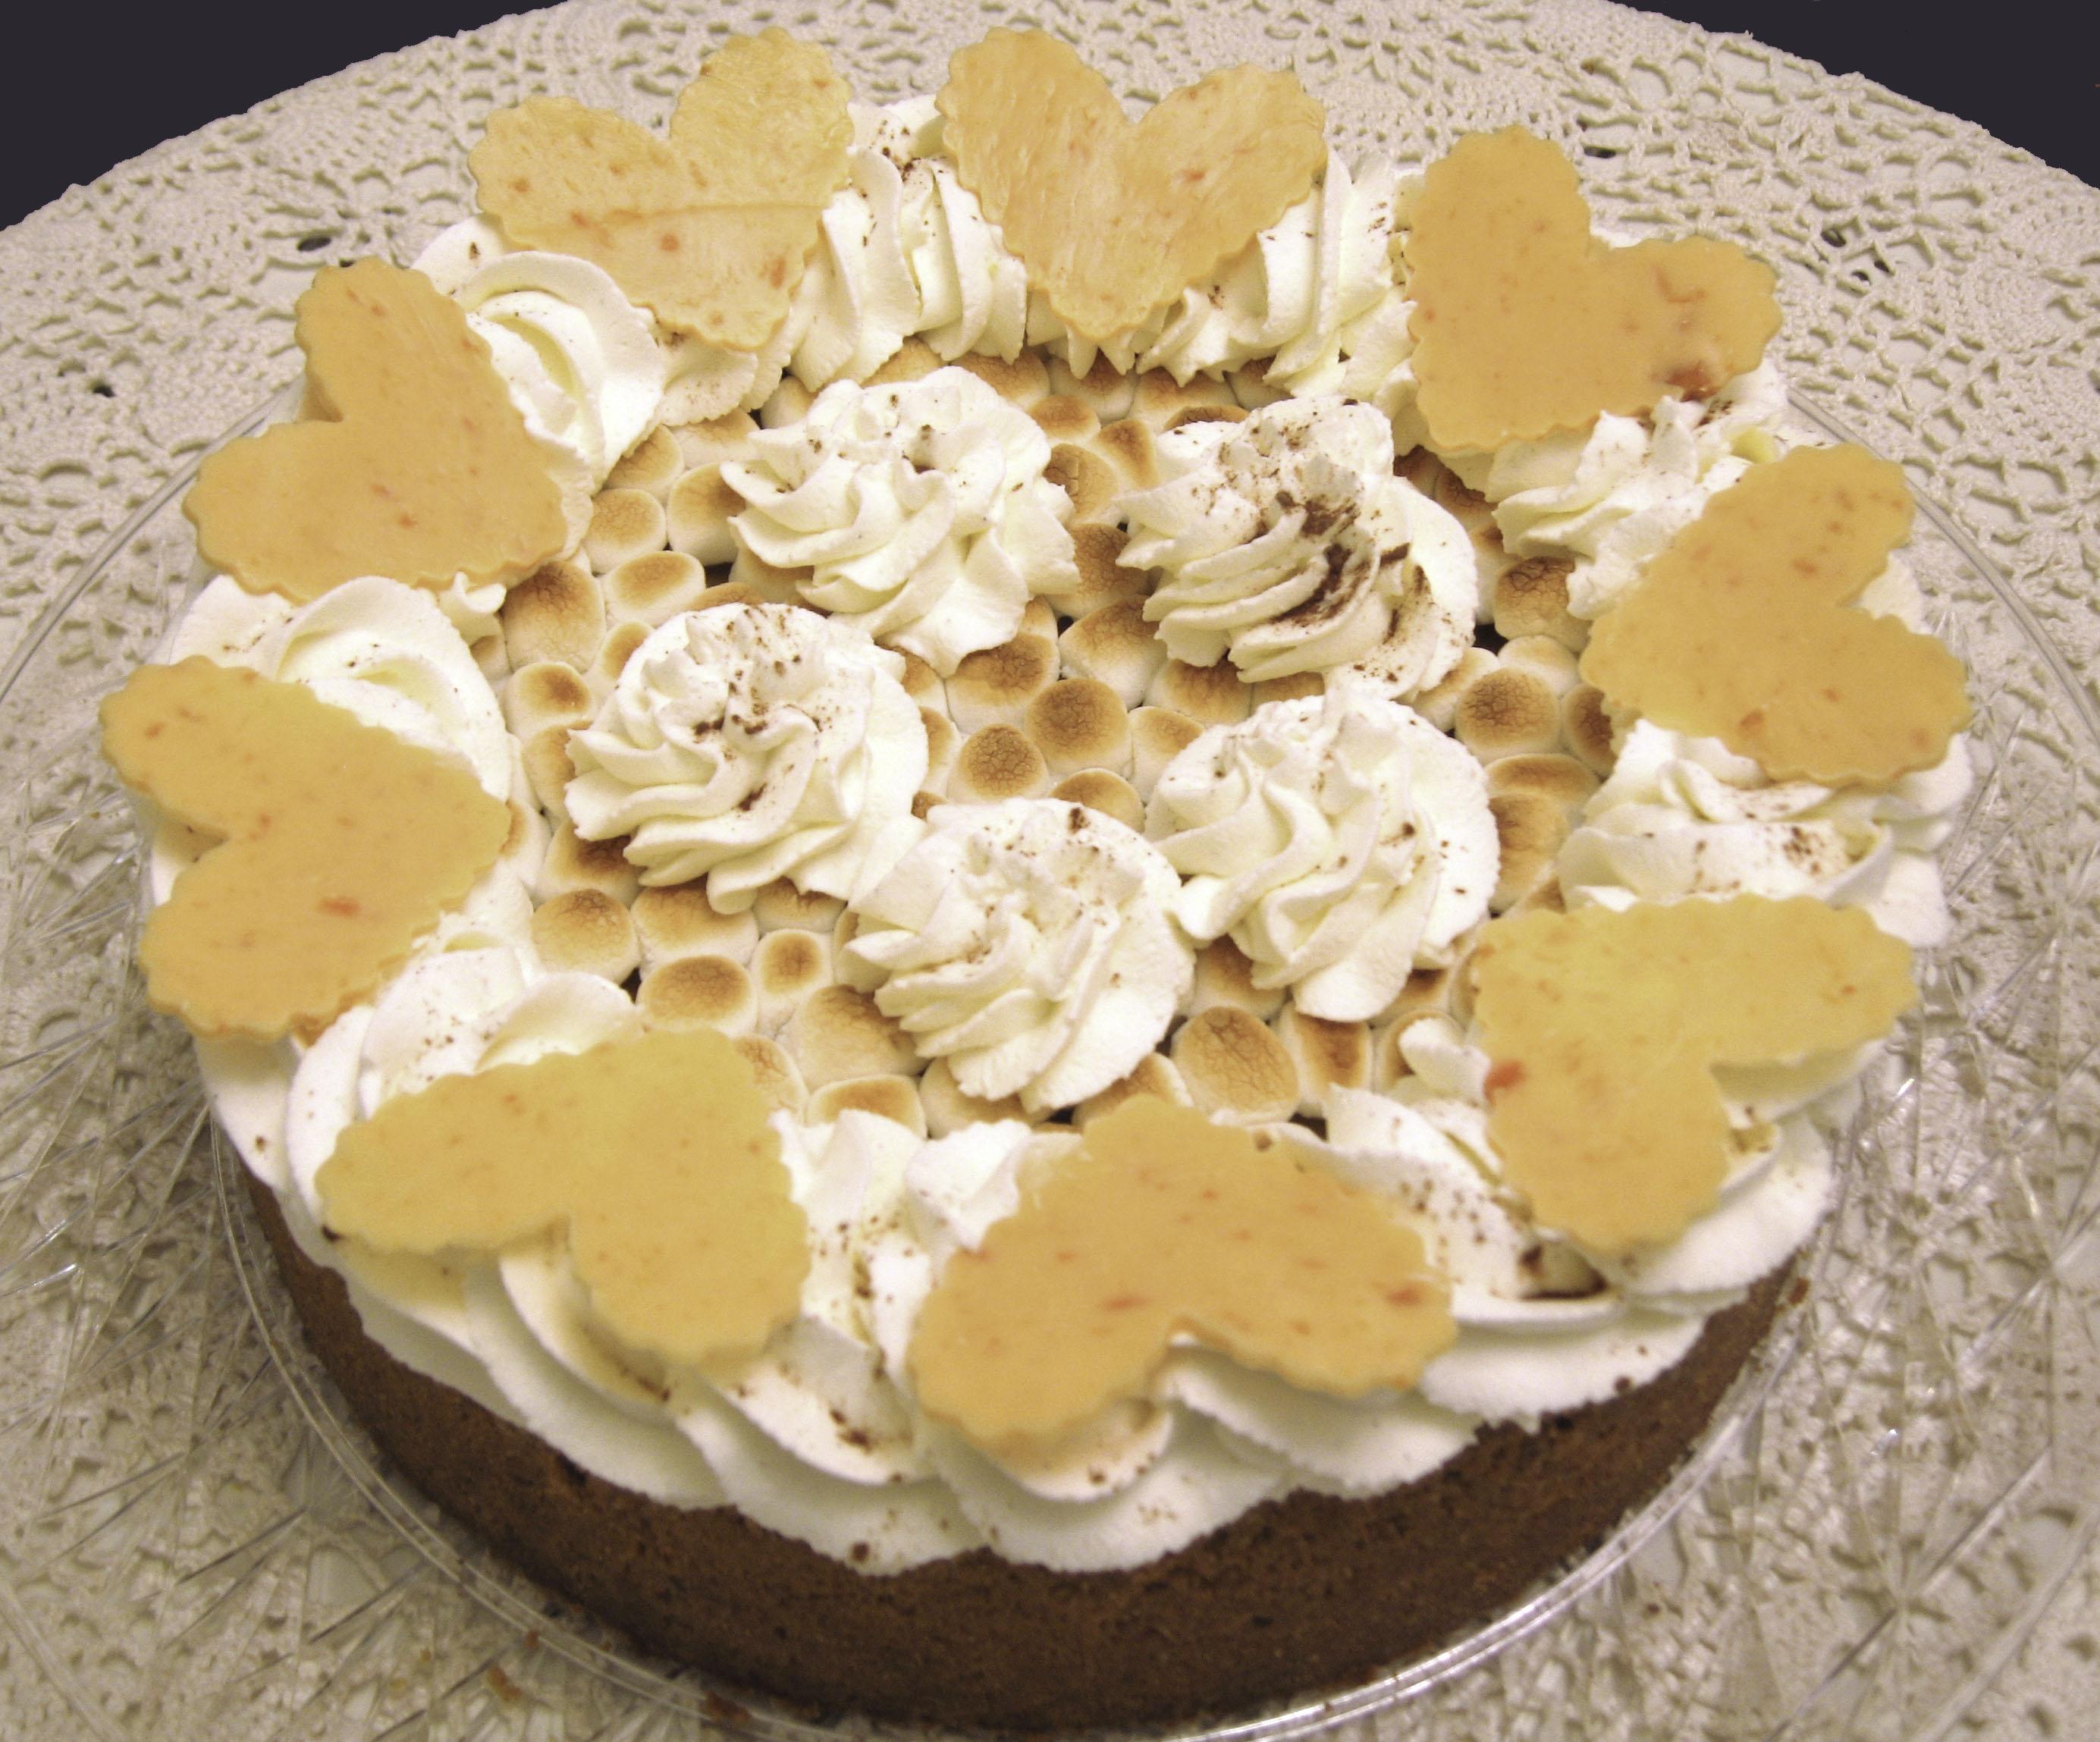 Marshmallow Sweet Potato Cheesecake